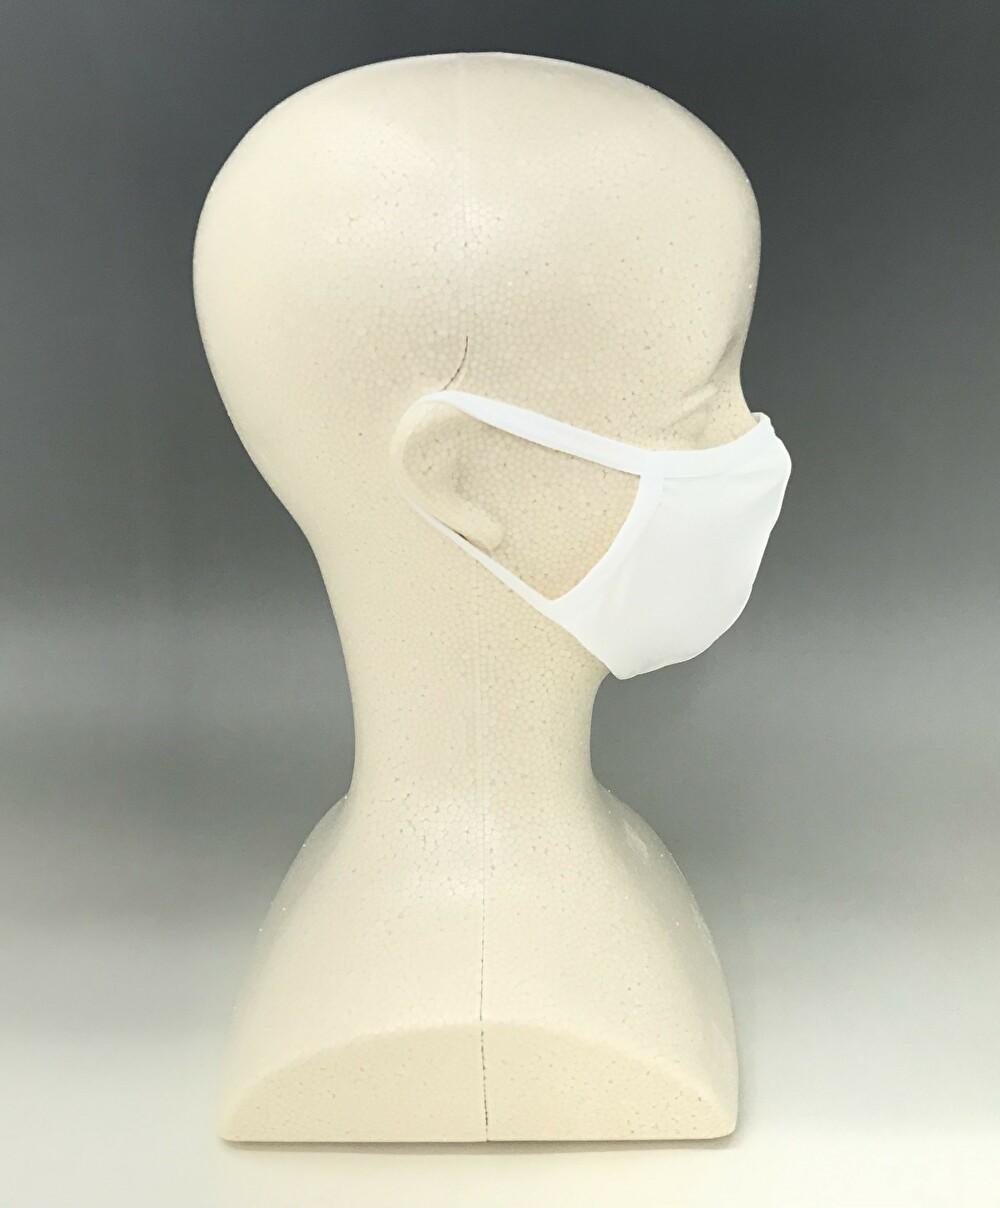 【サラッと質感 蒸れにくい】洗える 冷感マスク